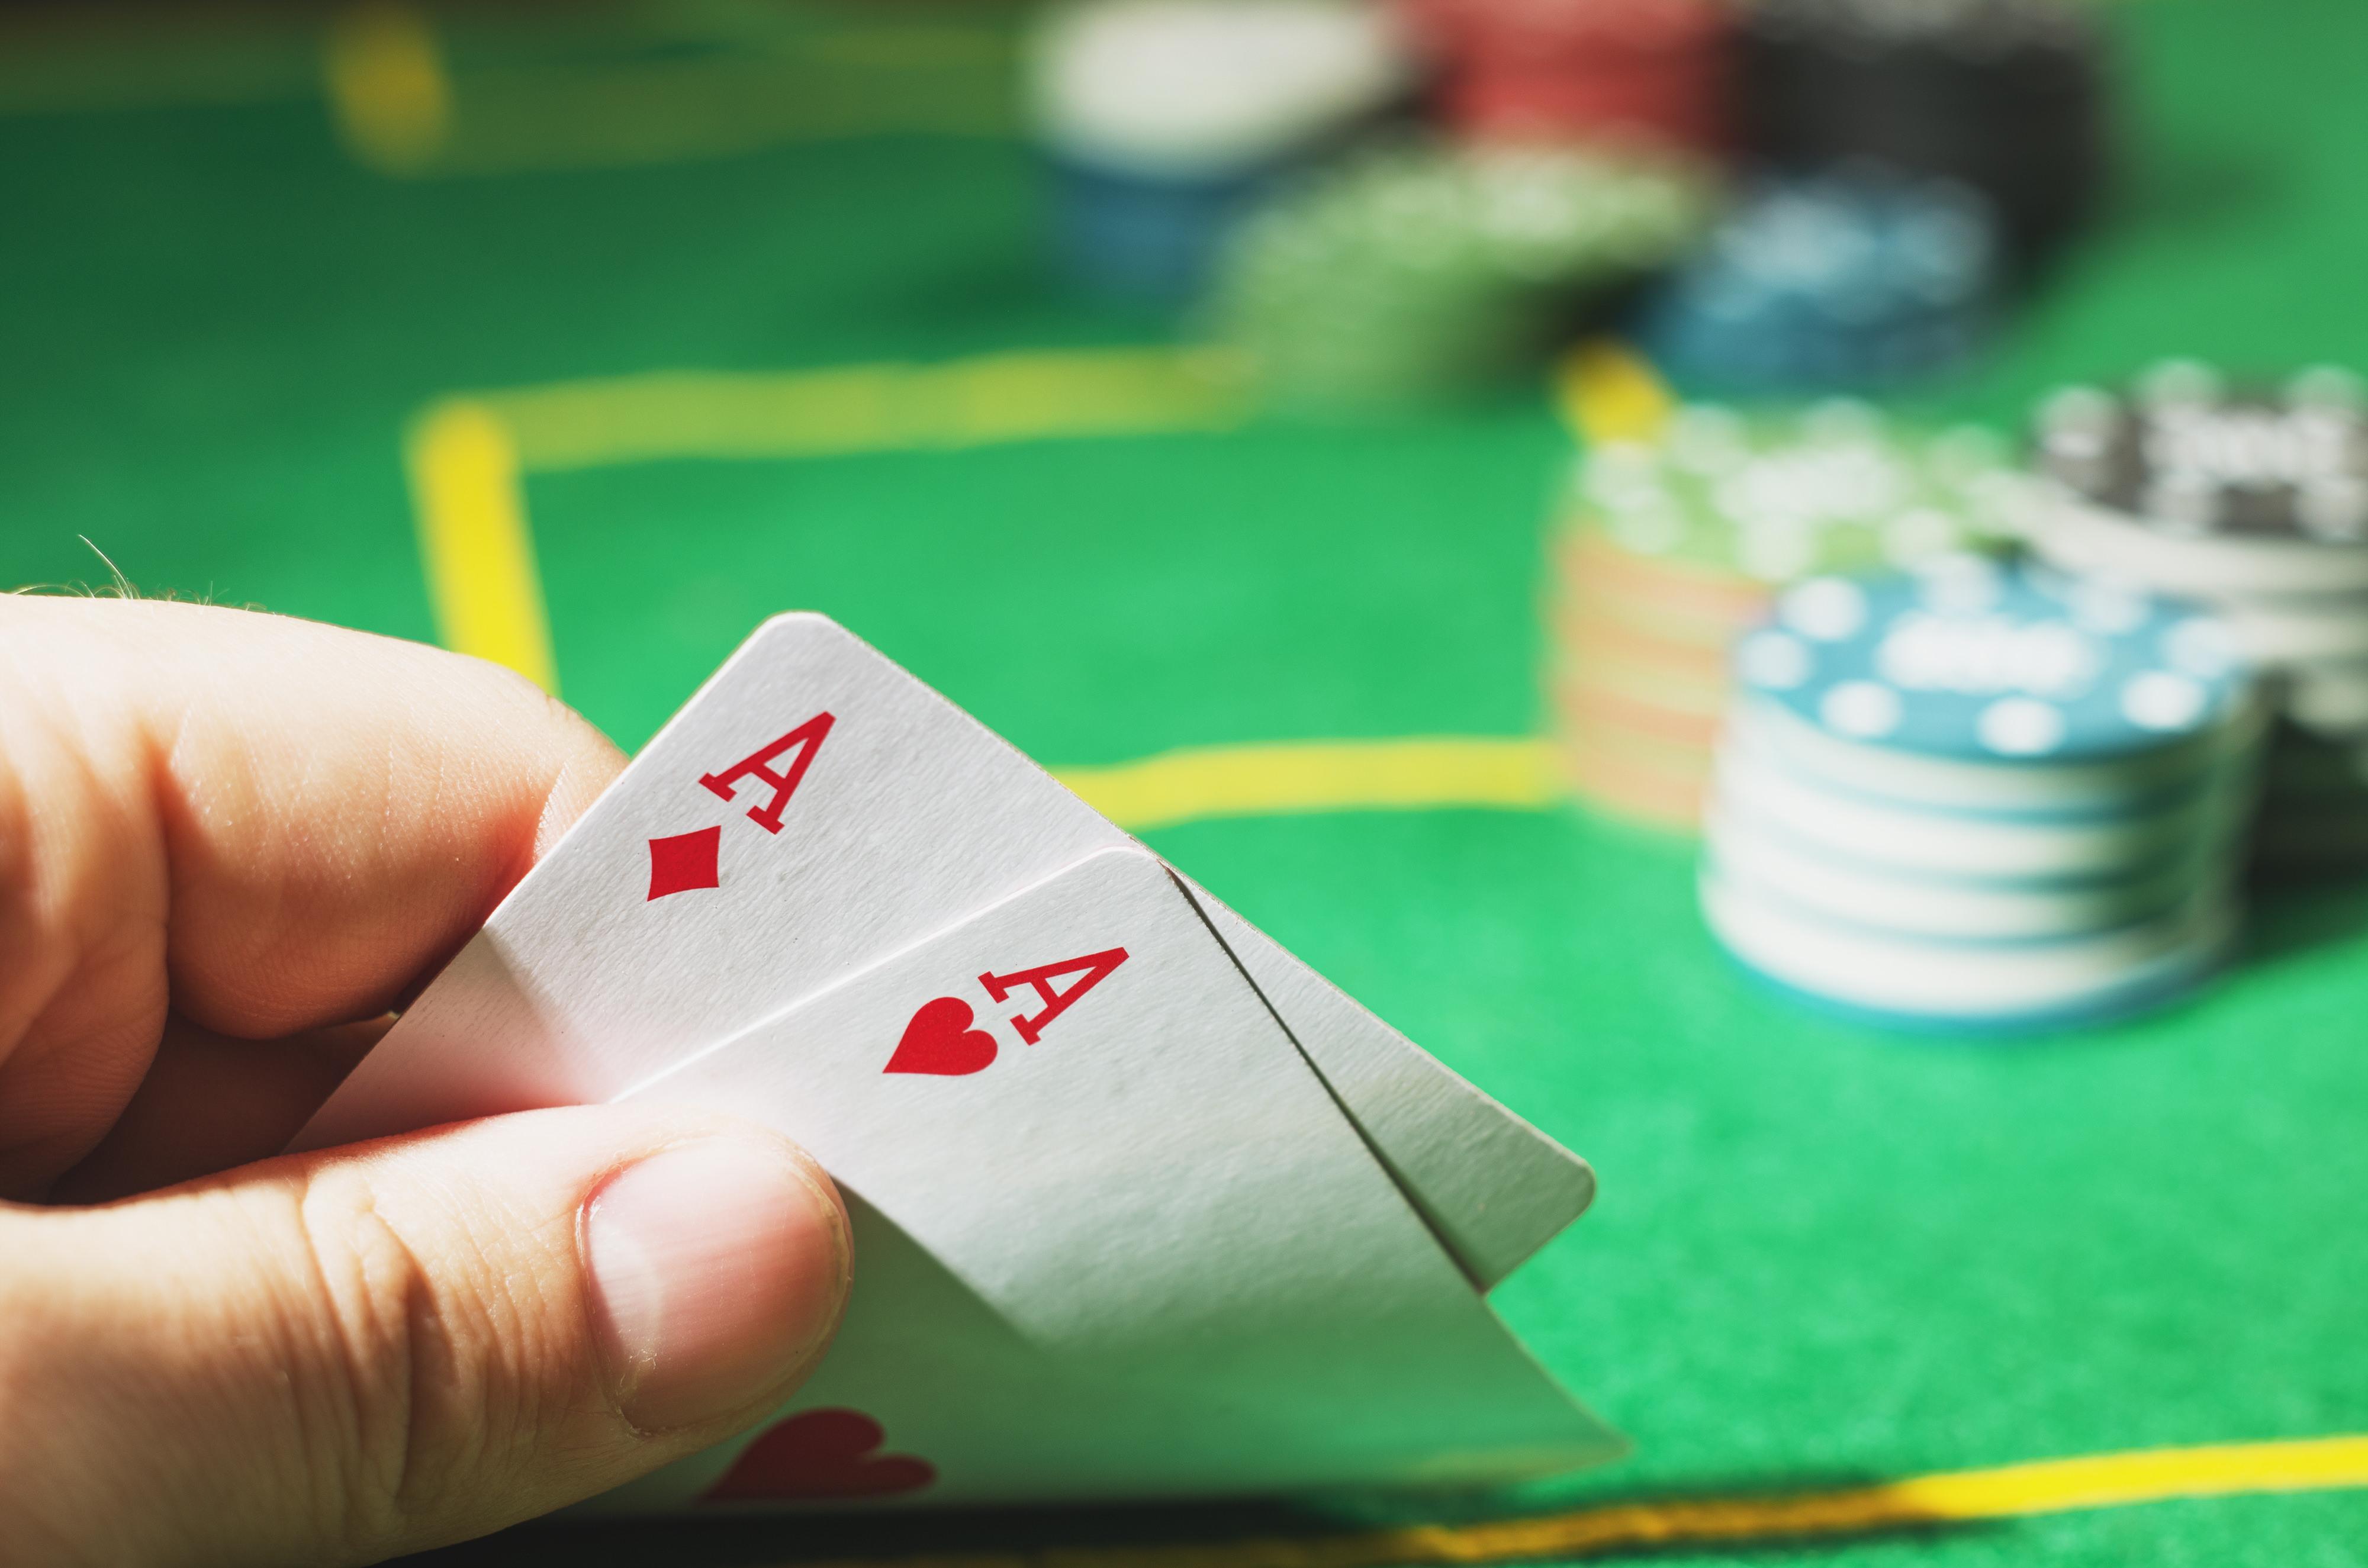 Doj memo gambling no deposit rival